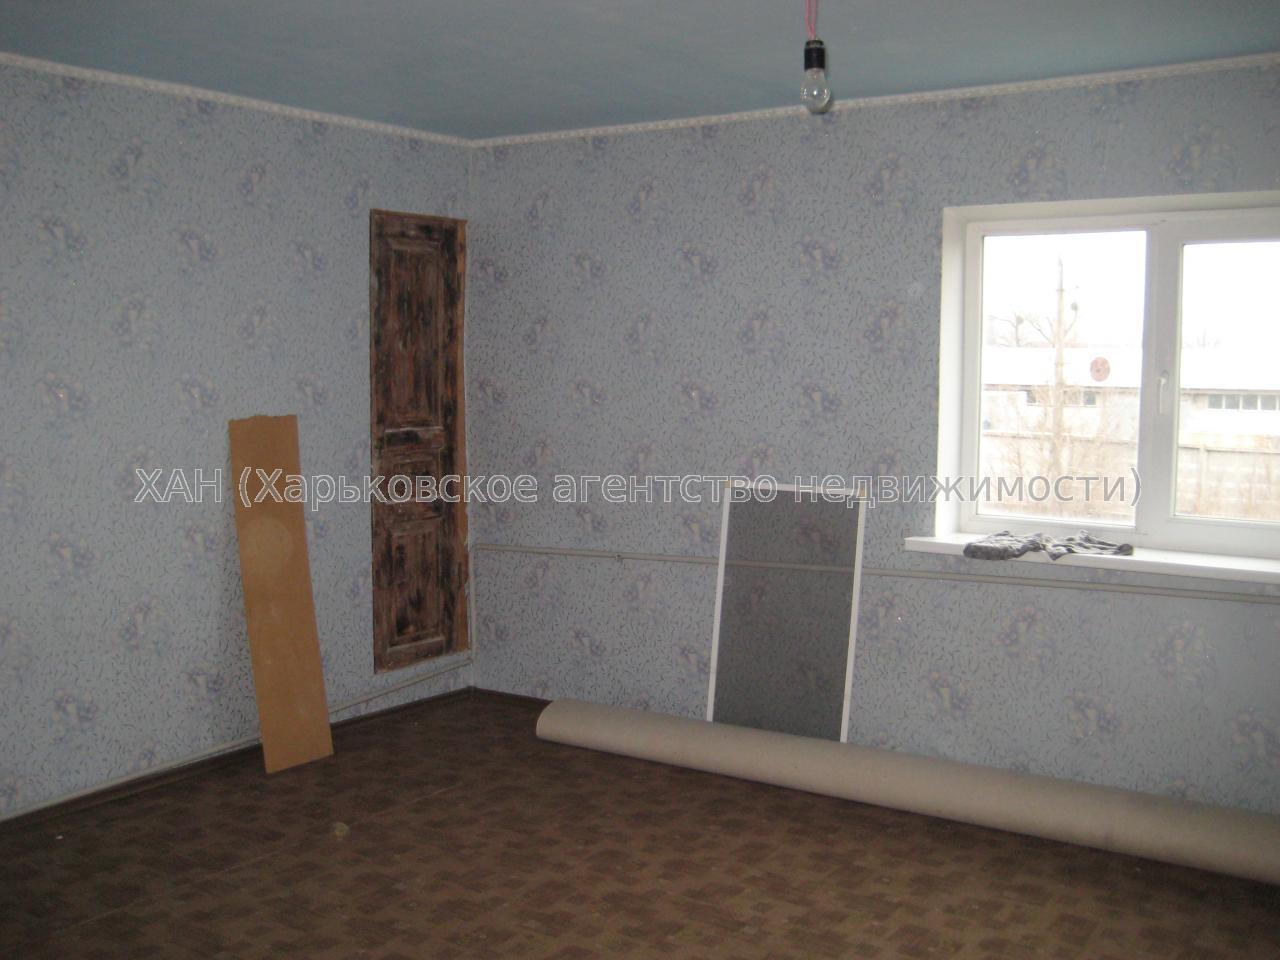 Продам дом Харьков, Староверещаковская ул. 4